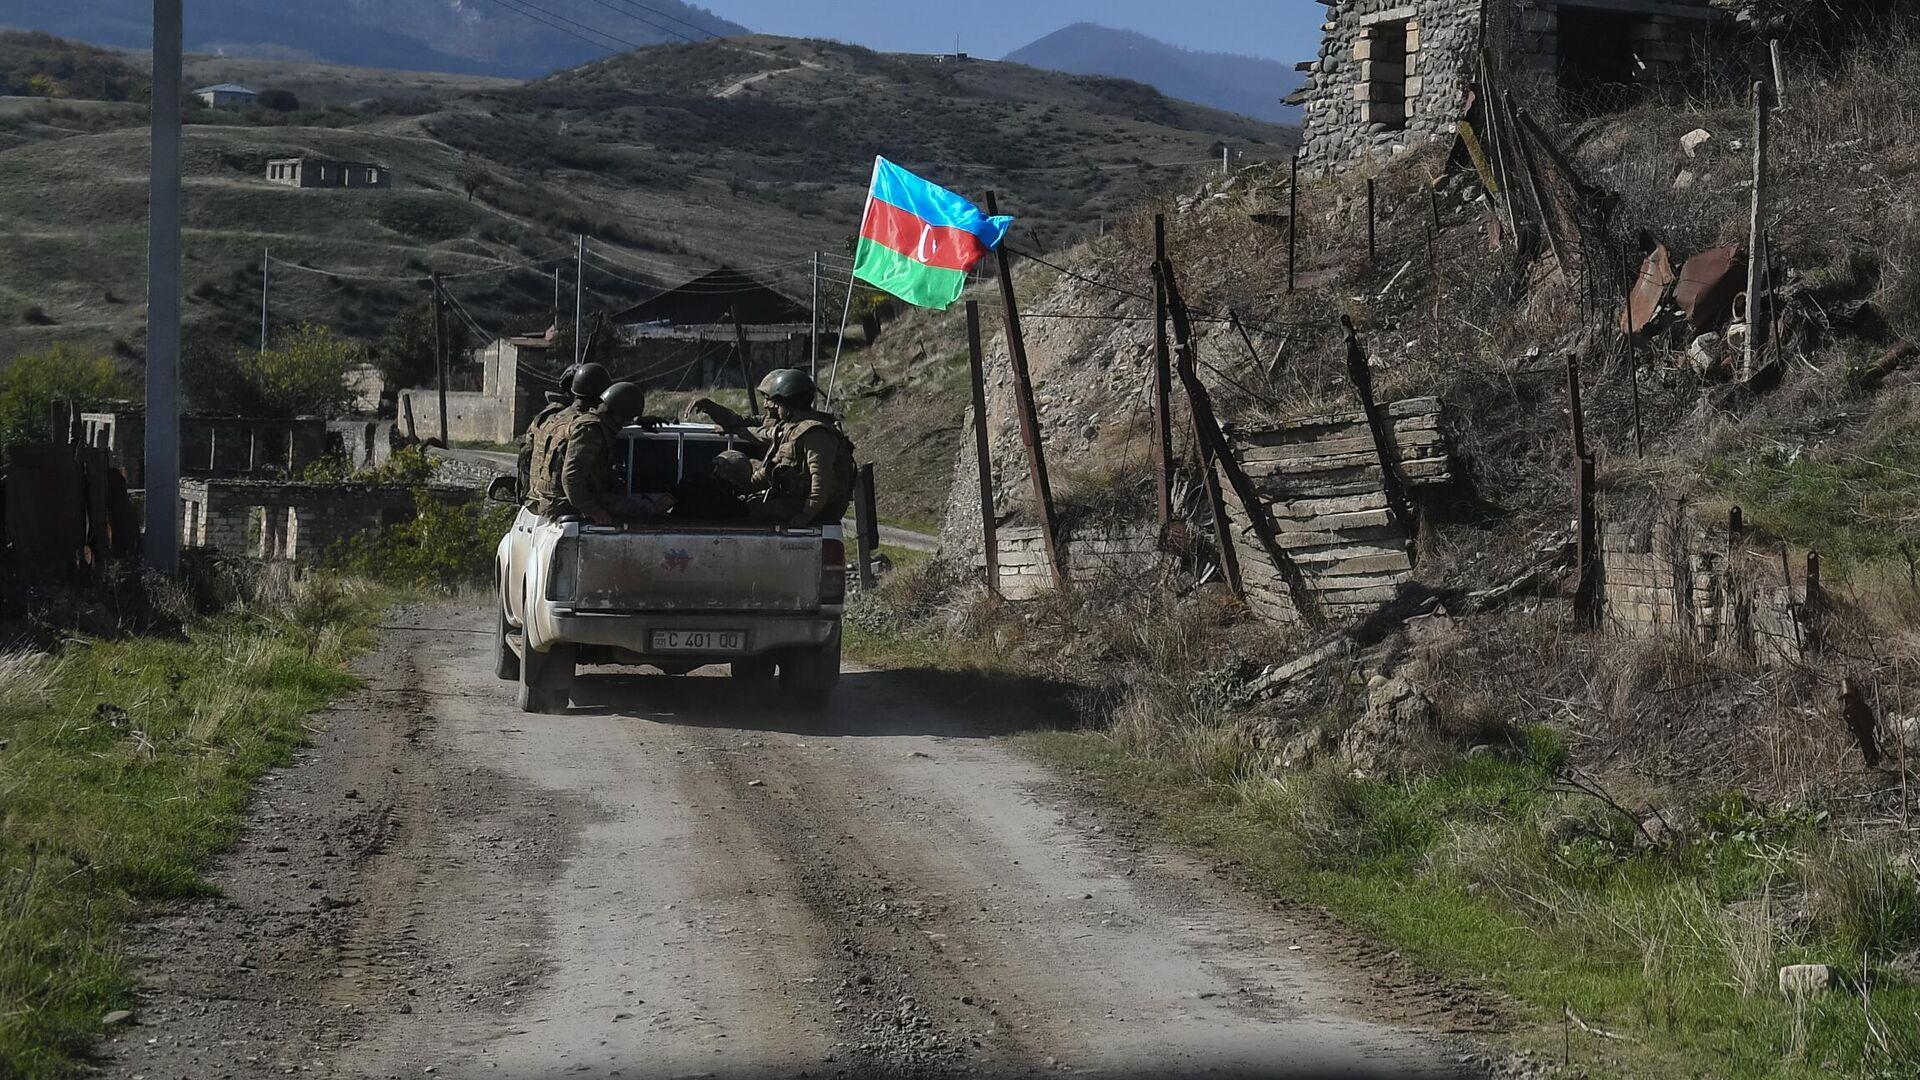 Военнослужащие азербайджанской армии на территории села Талыш - РИА Новости, 1920, 24.10.2020